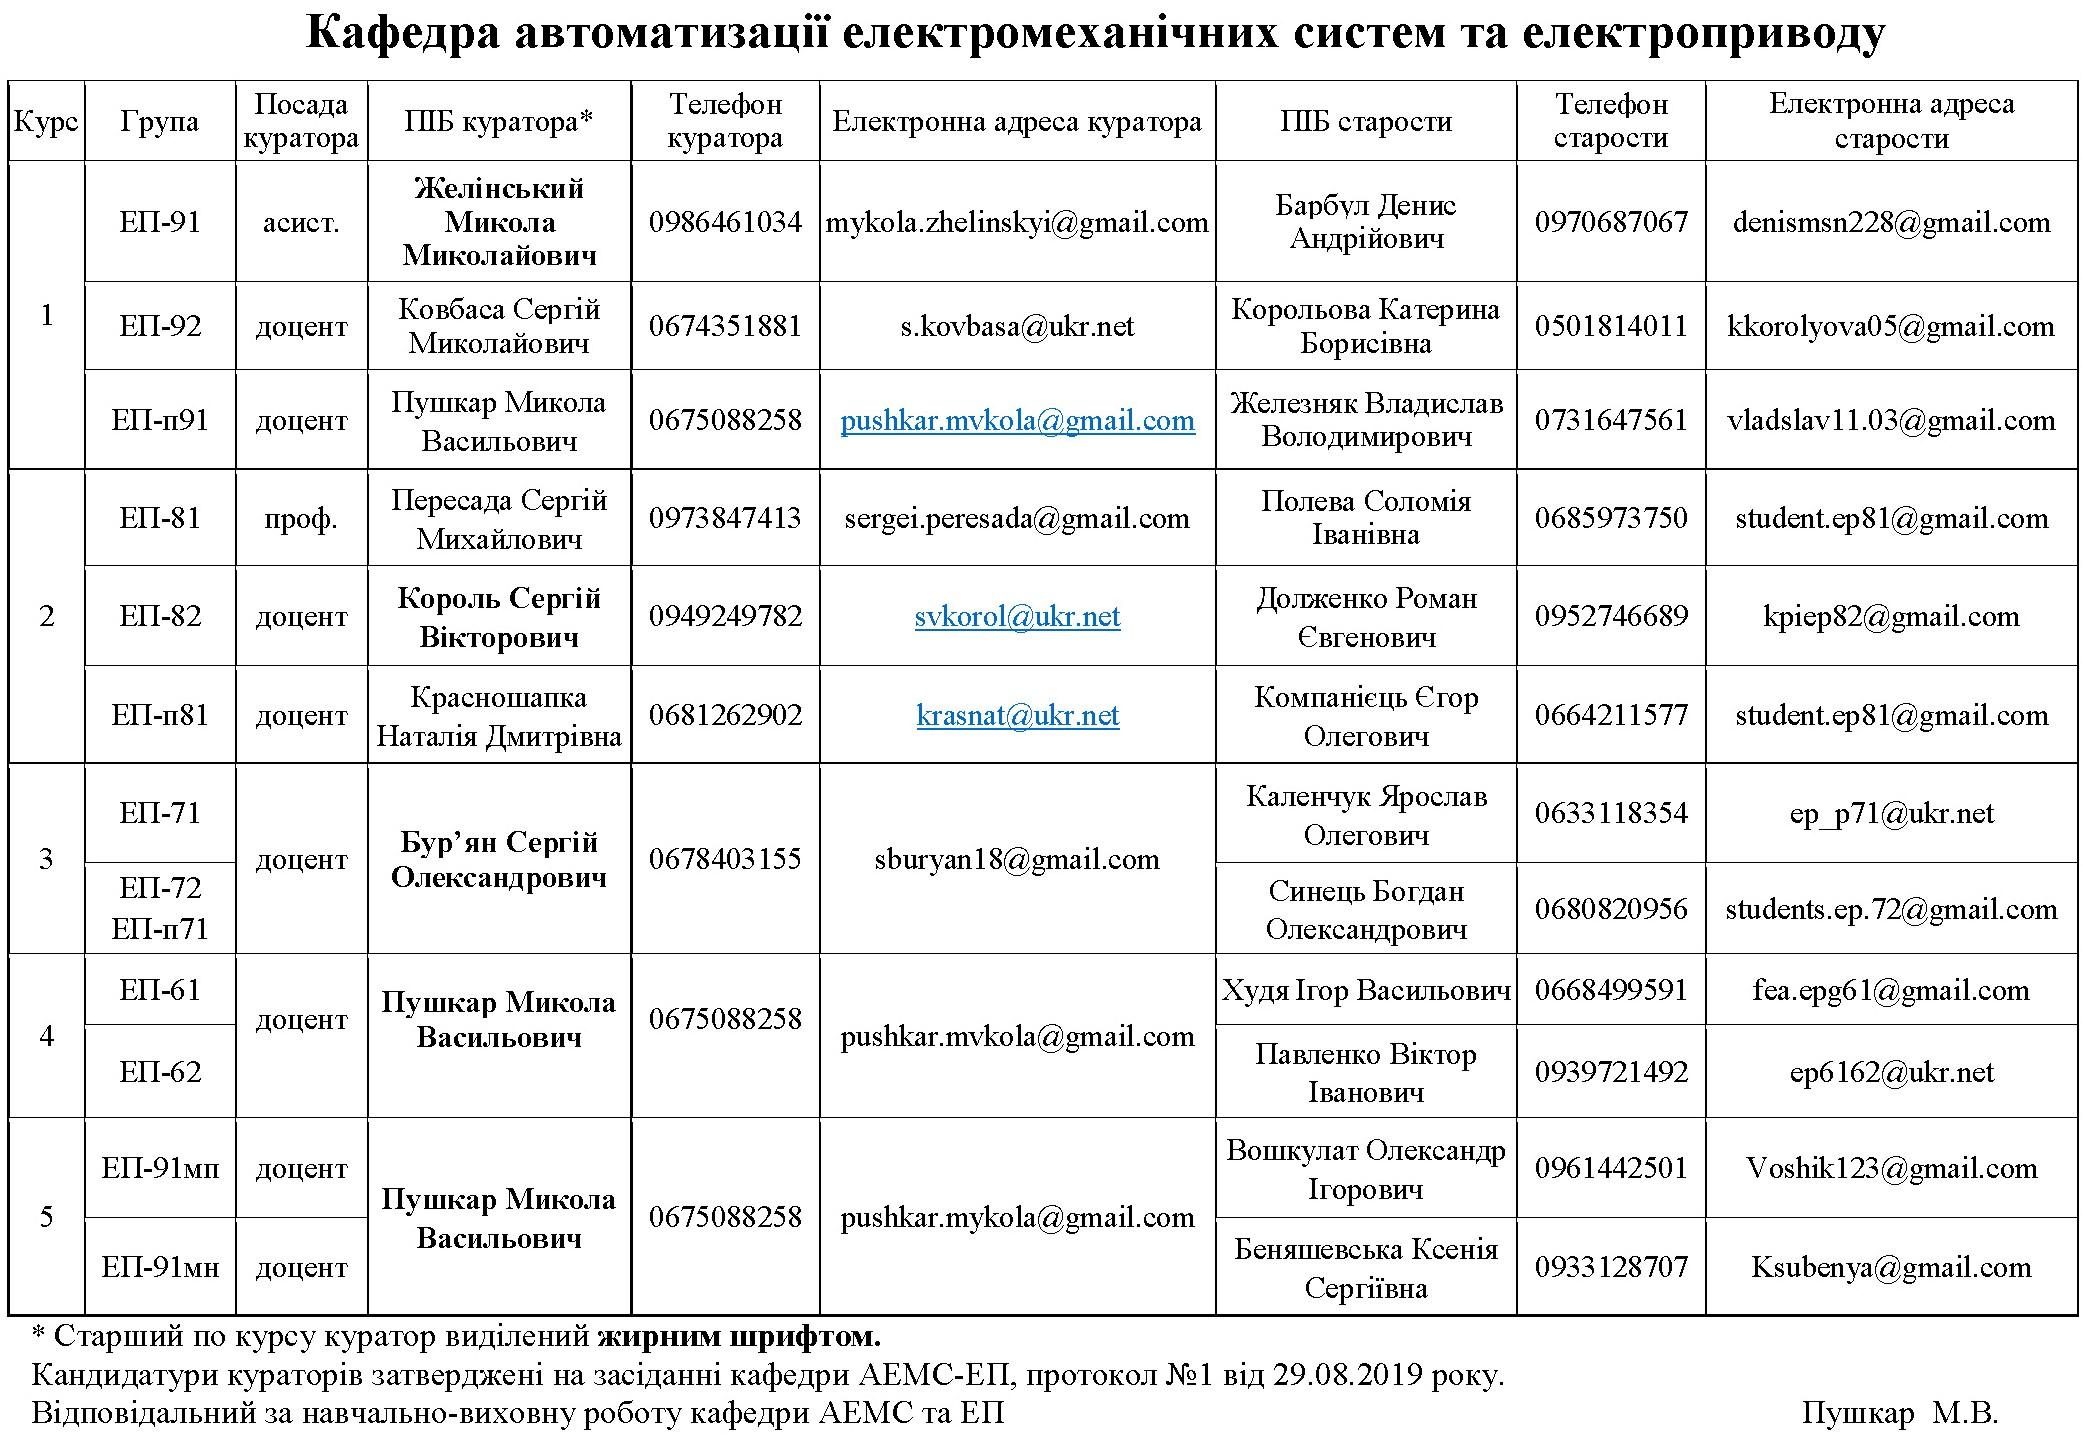 Куратори груп кафедри АЕМС-ЕП КПІ Сікорського ФЕА